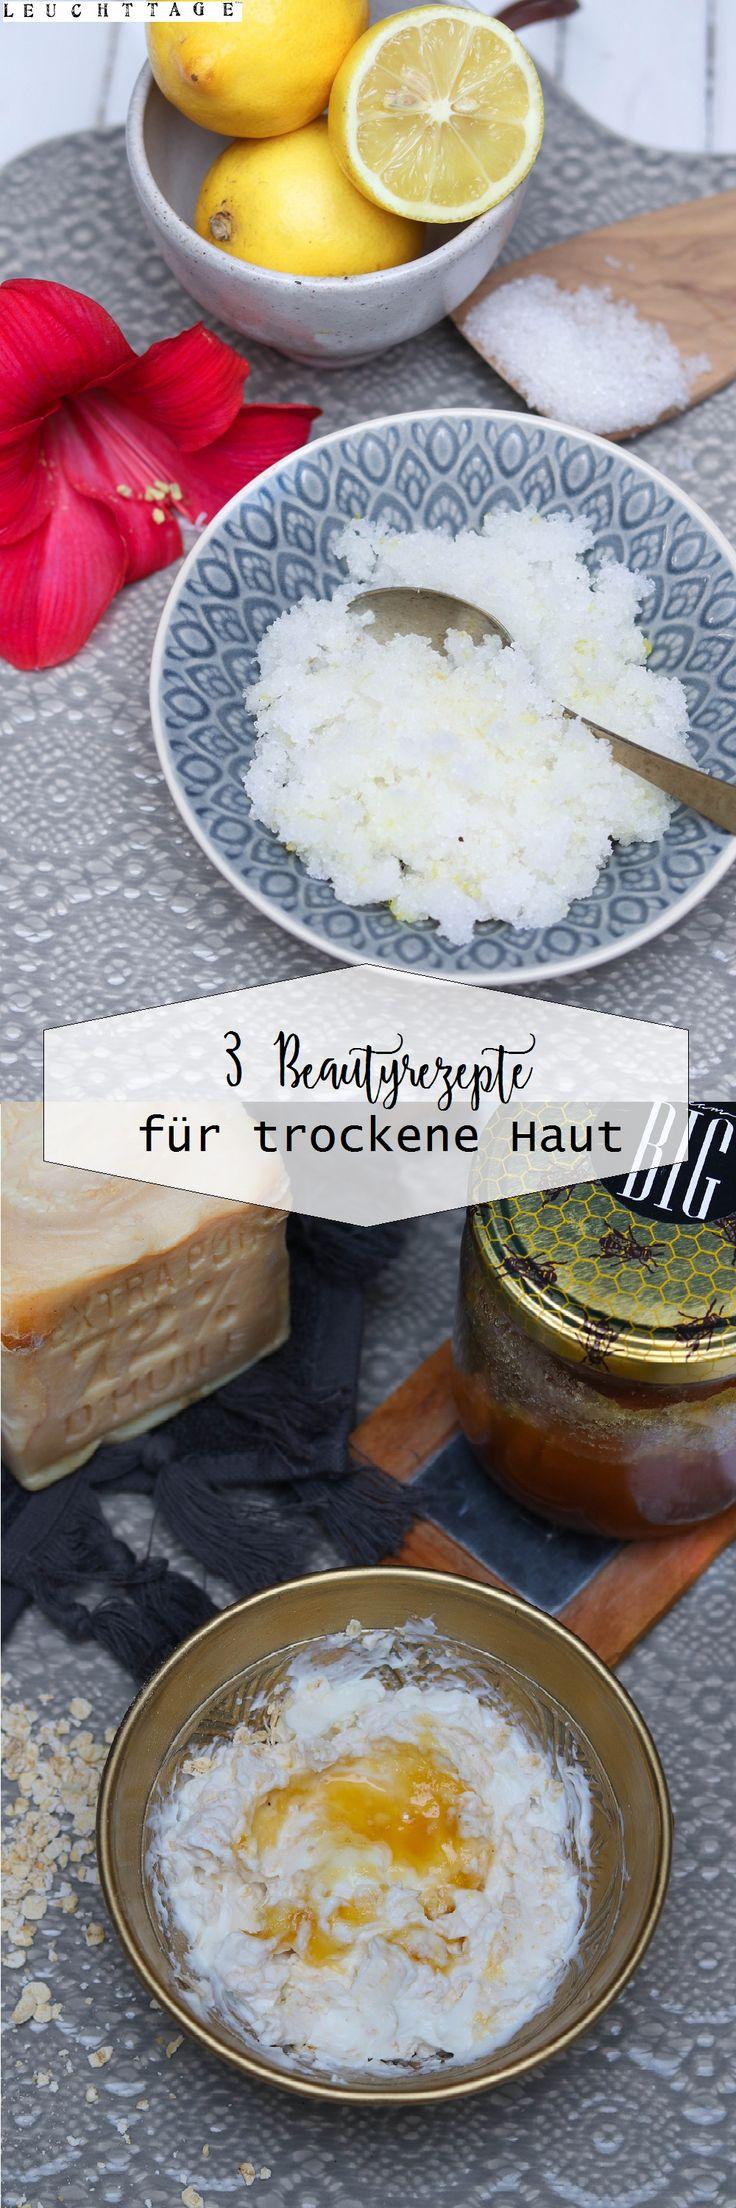 schnelle DIY-Anleitungen für selbstgemachte Beautyrezepte